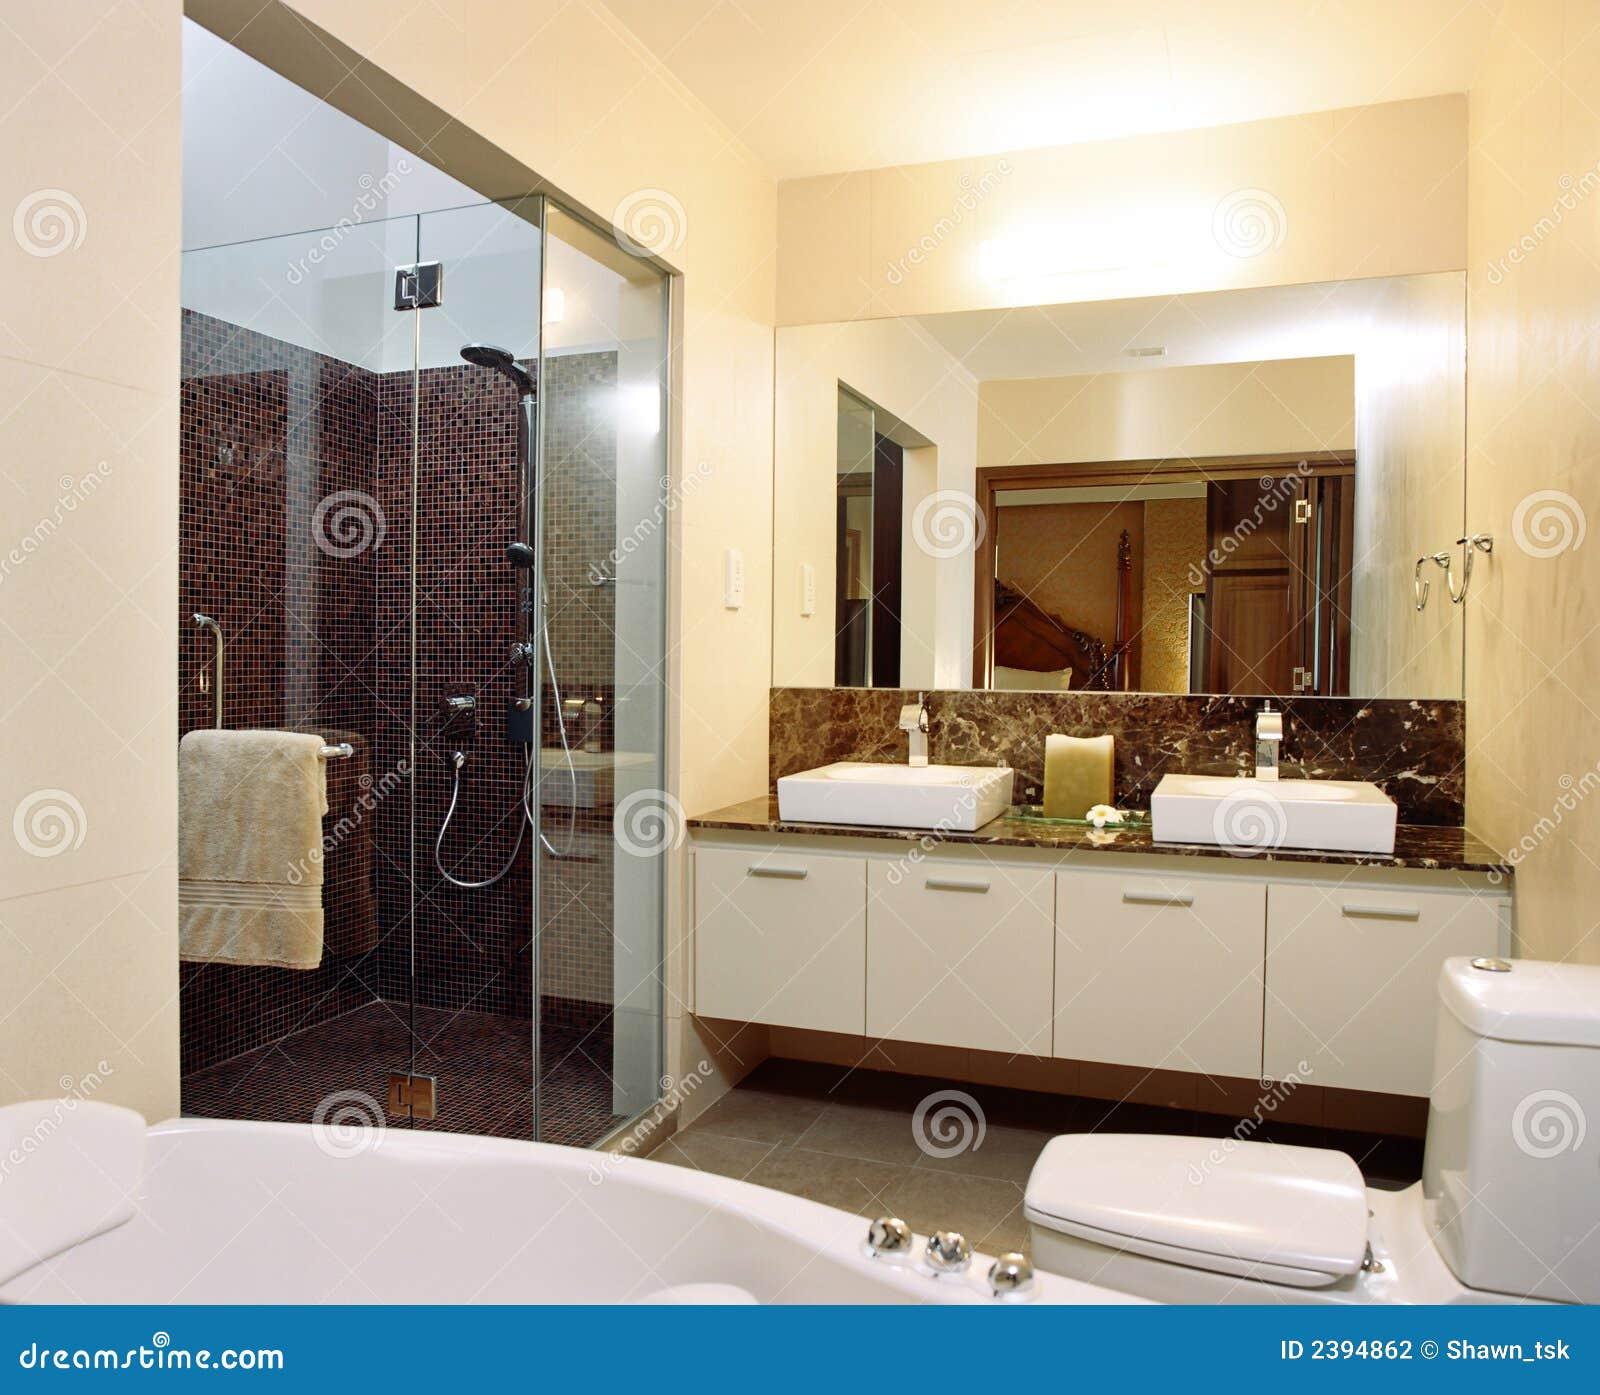 Extractor Cuarto De Baño Interior:Bathroom Interior Design